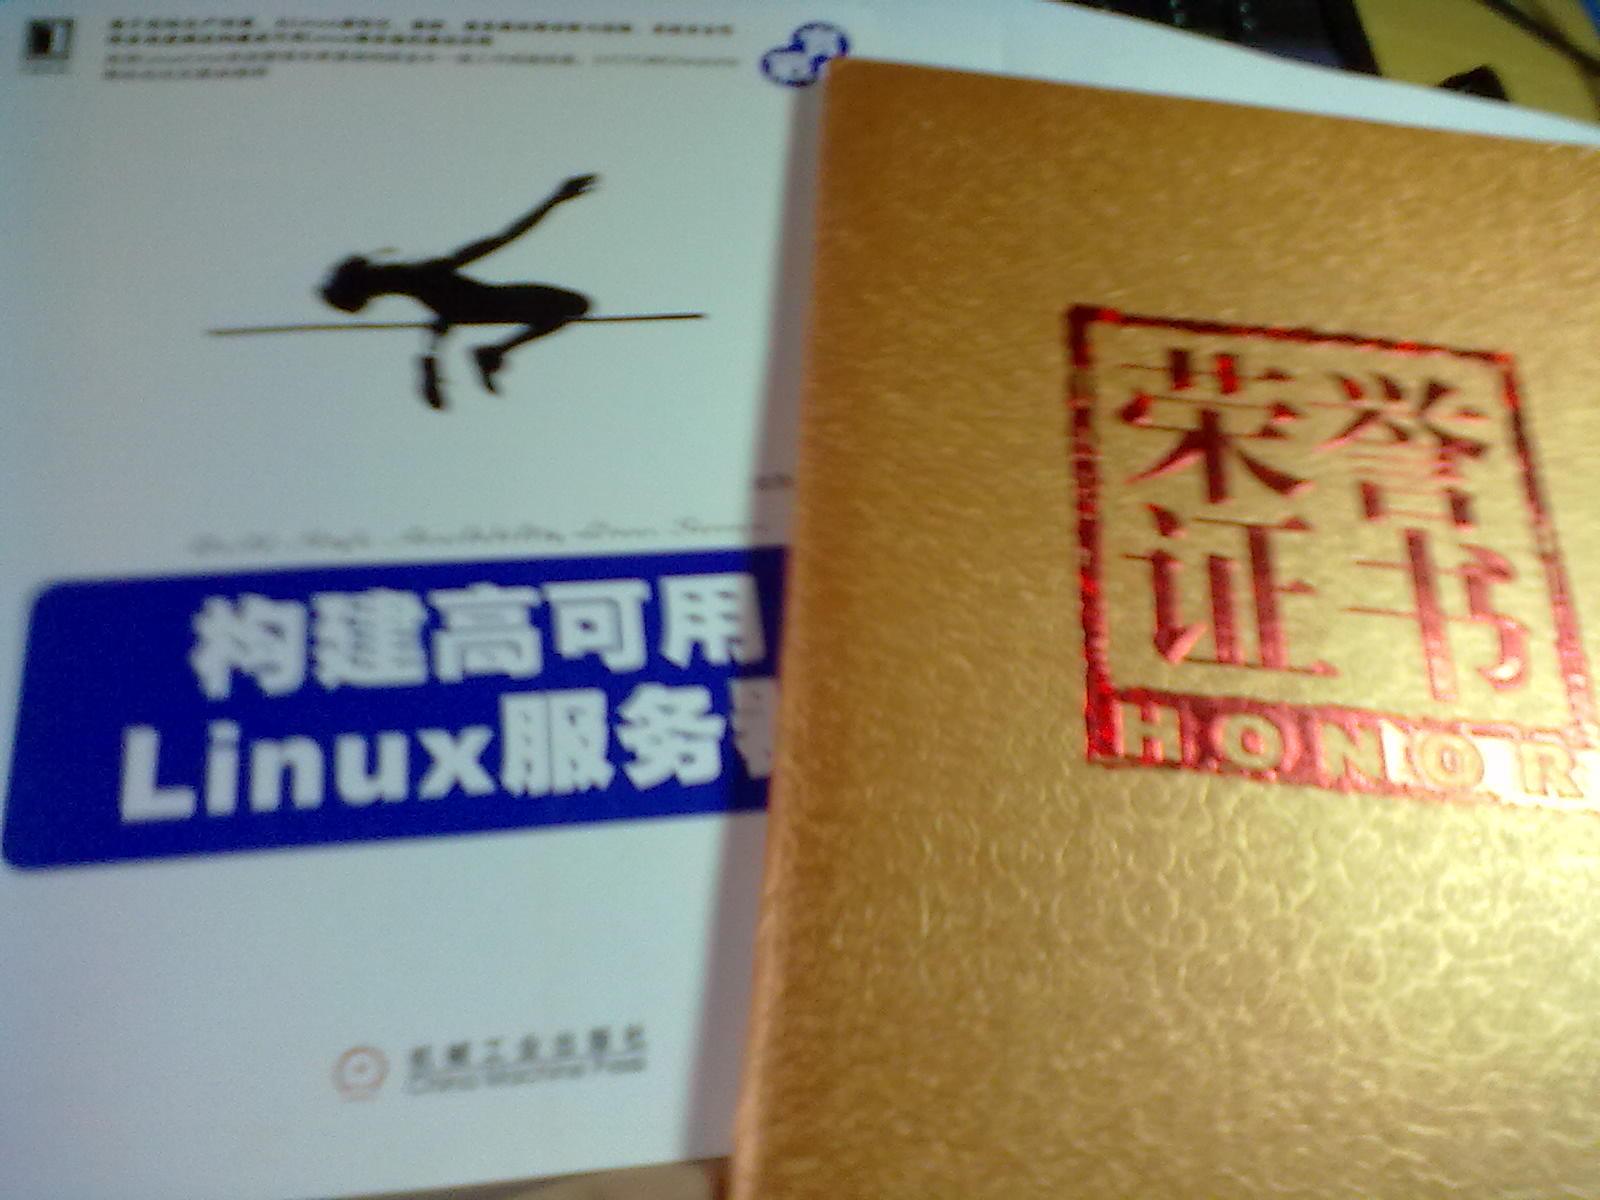 晒晒我的2011年IT技术博客50强礼品-叶绍琛博客